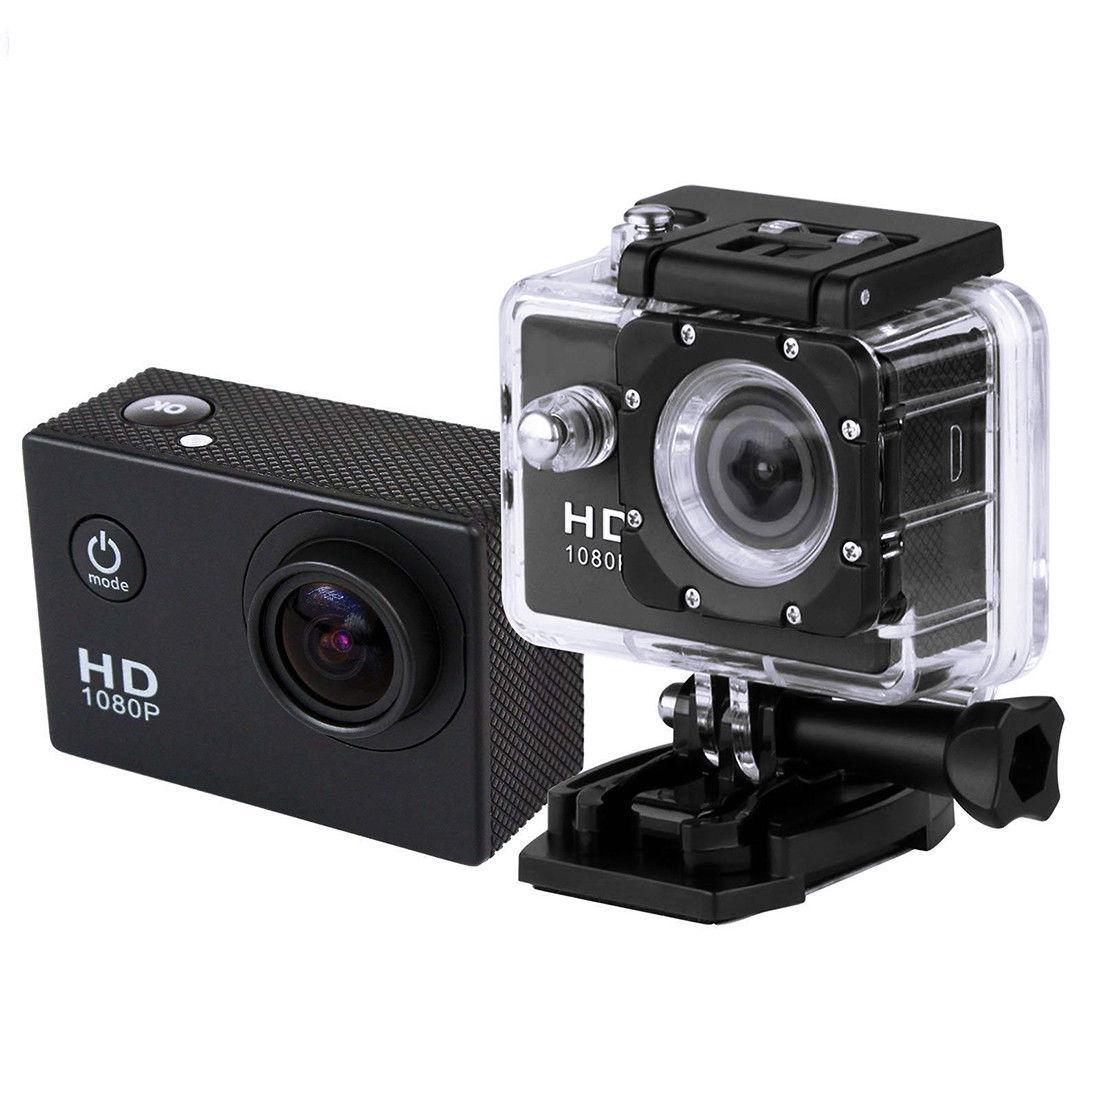 Экшн Камера D600 - Full HD Спортивная (Action Camera) + ПОДАРОК!